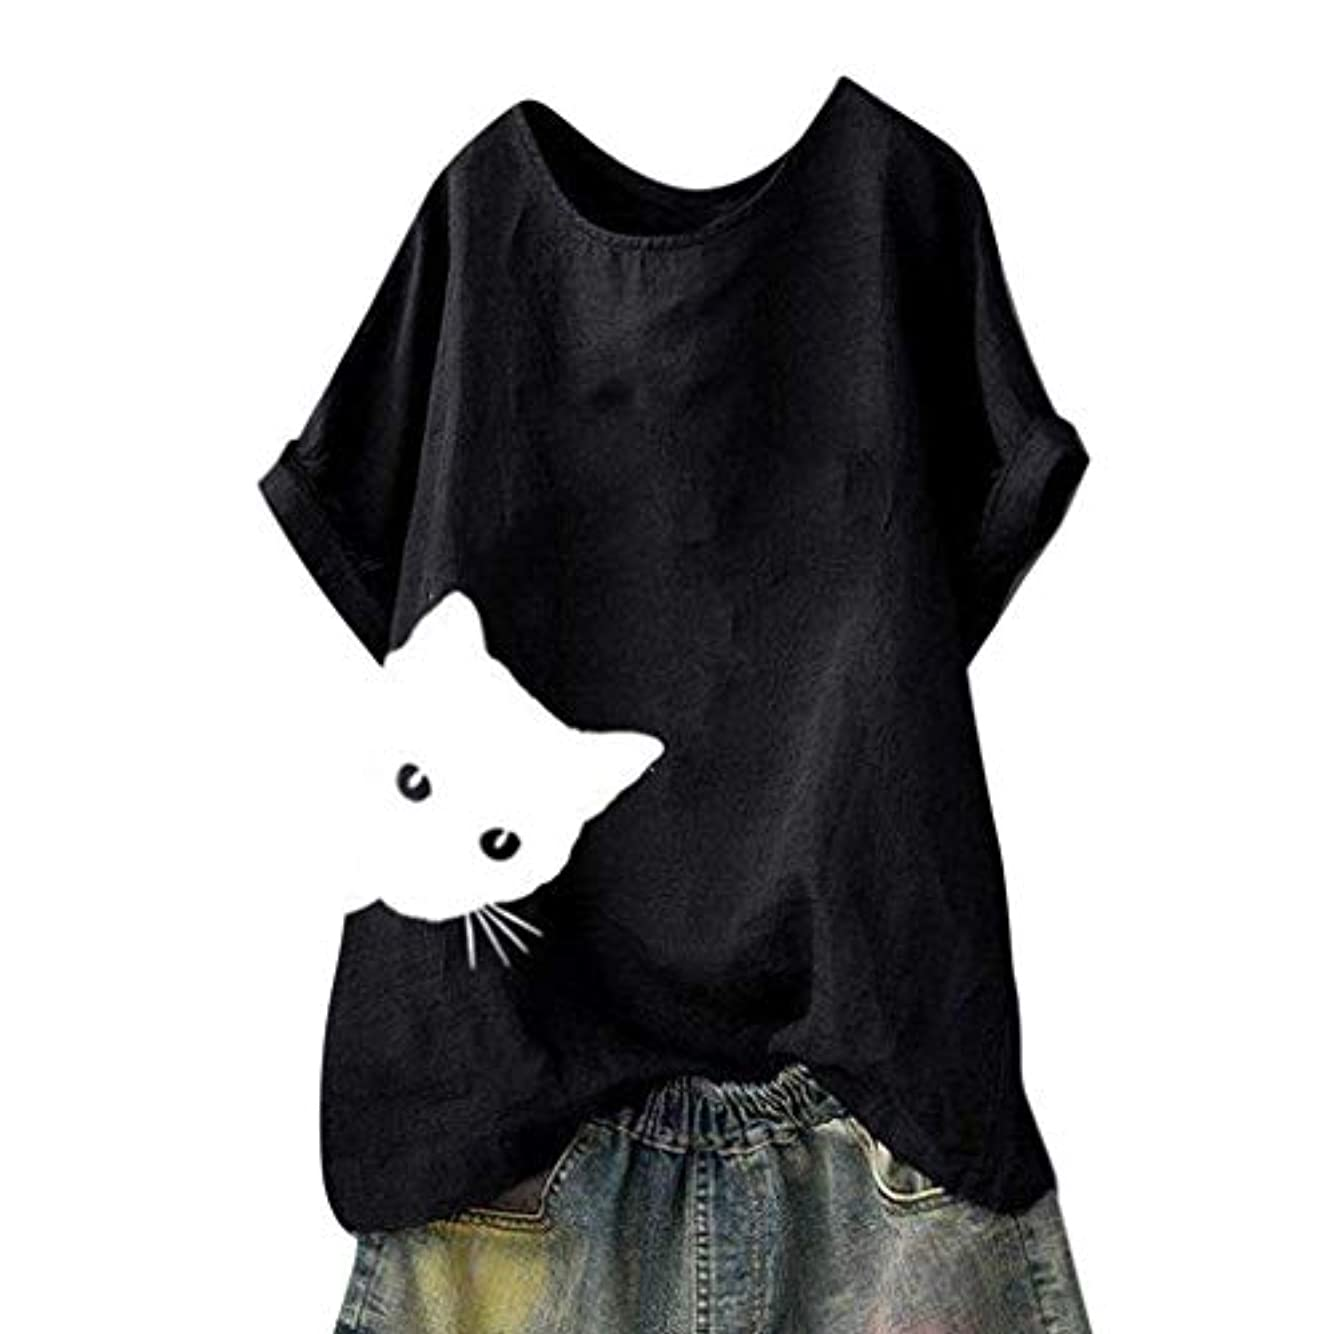 警察署ペッカディロホイッスルメンズ Tシャツ 可愛い ねこ柄 白t ストライプ模様 春夏秋 若者 気質 おしゃれ 夏服 多選択 猫模様 カジュアル 半袖 面白い 動物 ゆったり シンプル トップス 通勤 旅行 アウトドア tシャツ 人気